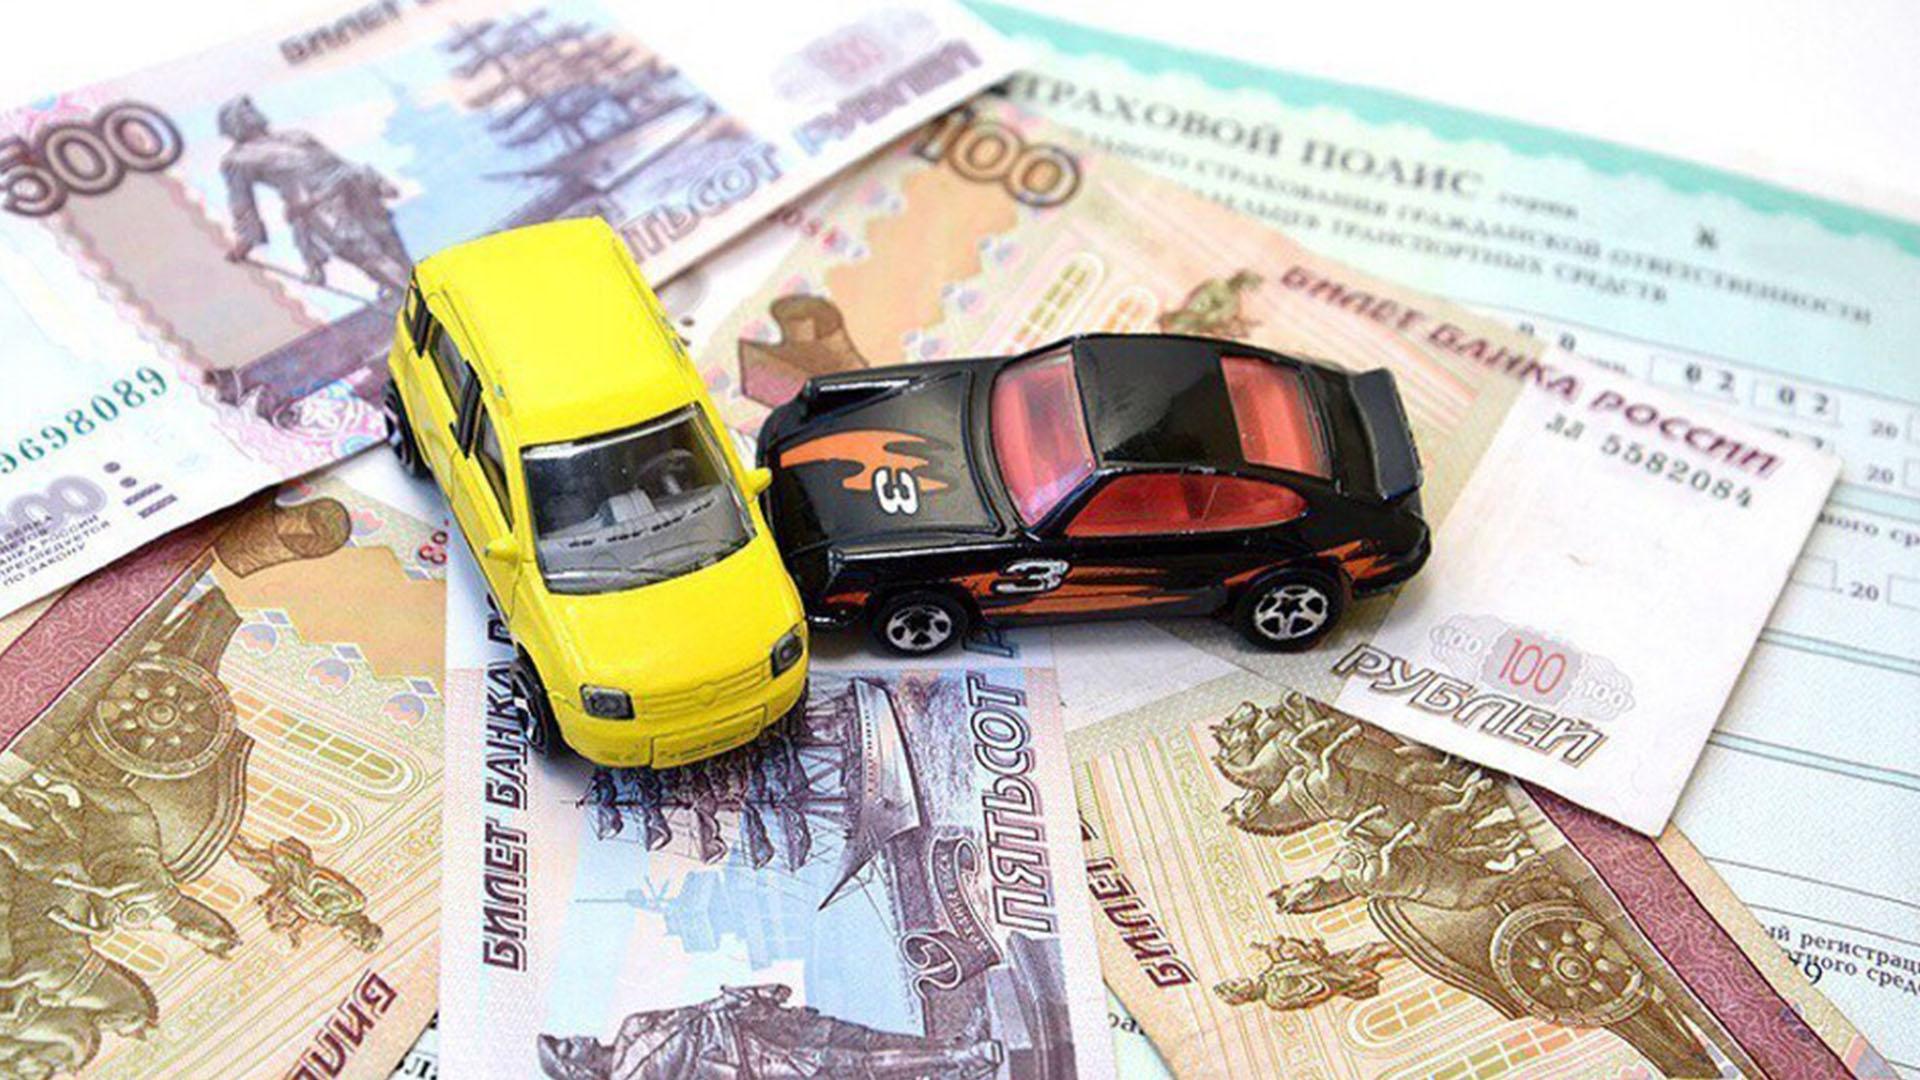 Заметки юриста: авария без страховки, есть ли шанс получить компенсацию?